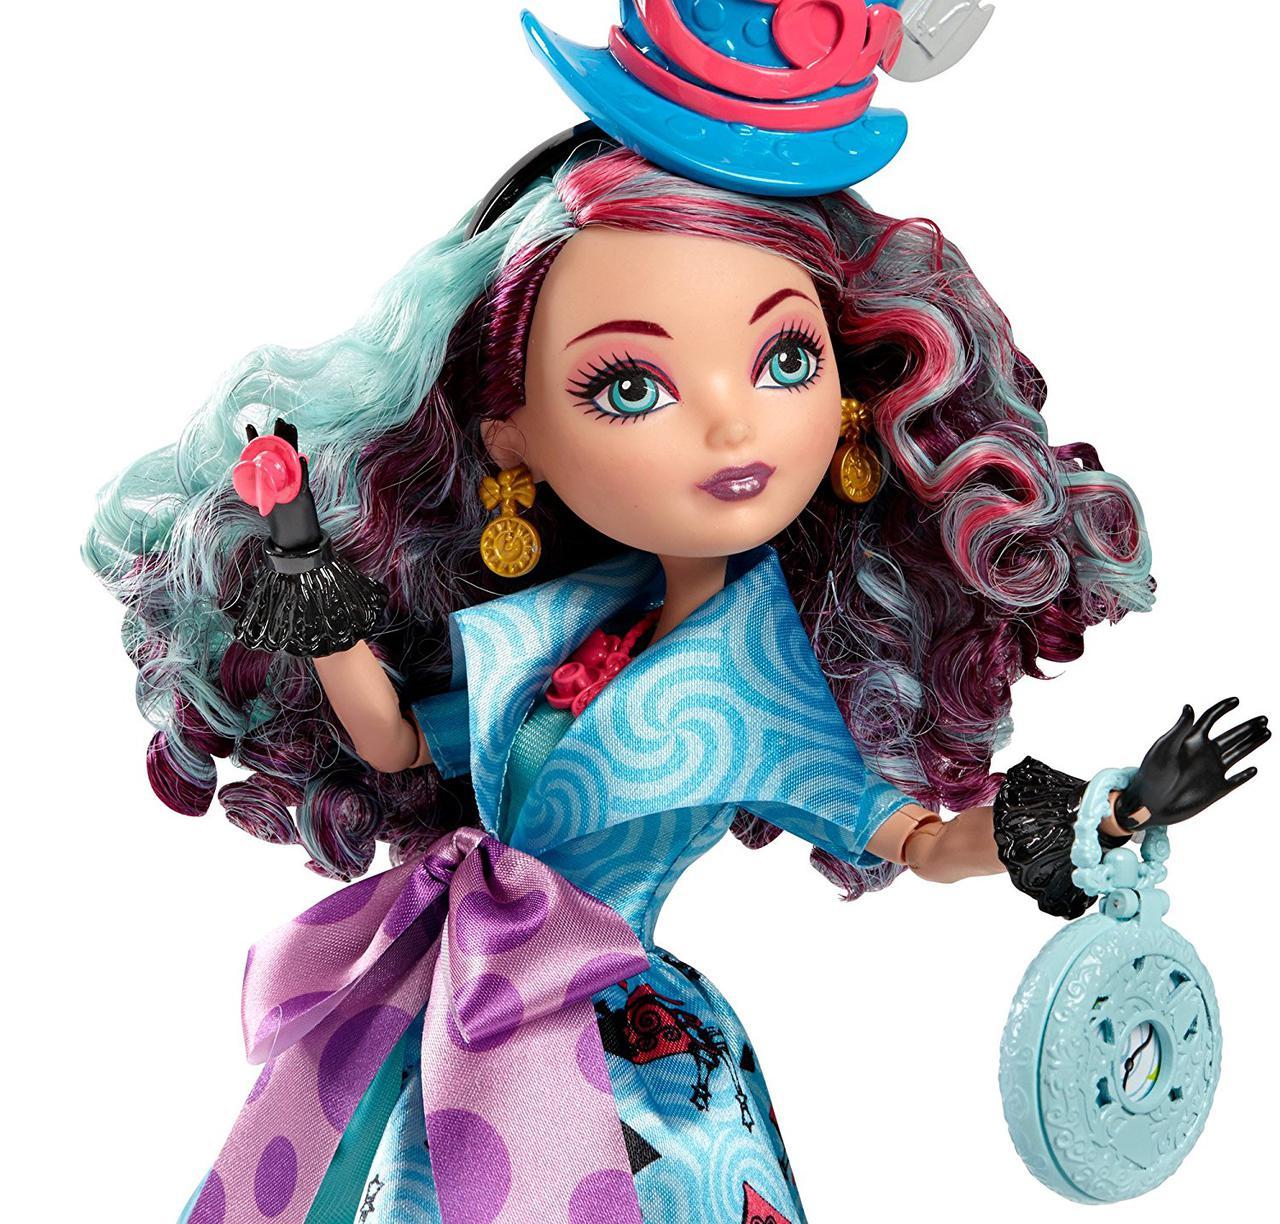 Мэдлин Хаттер Кукла Эвер Афтер Хай Путь в Страну Чудес Ever After High Way Too Wonderland Madeline Hatter Doll